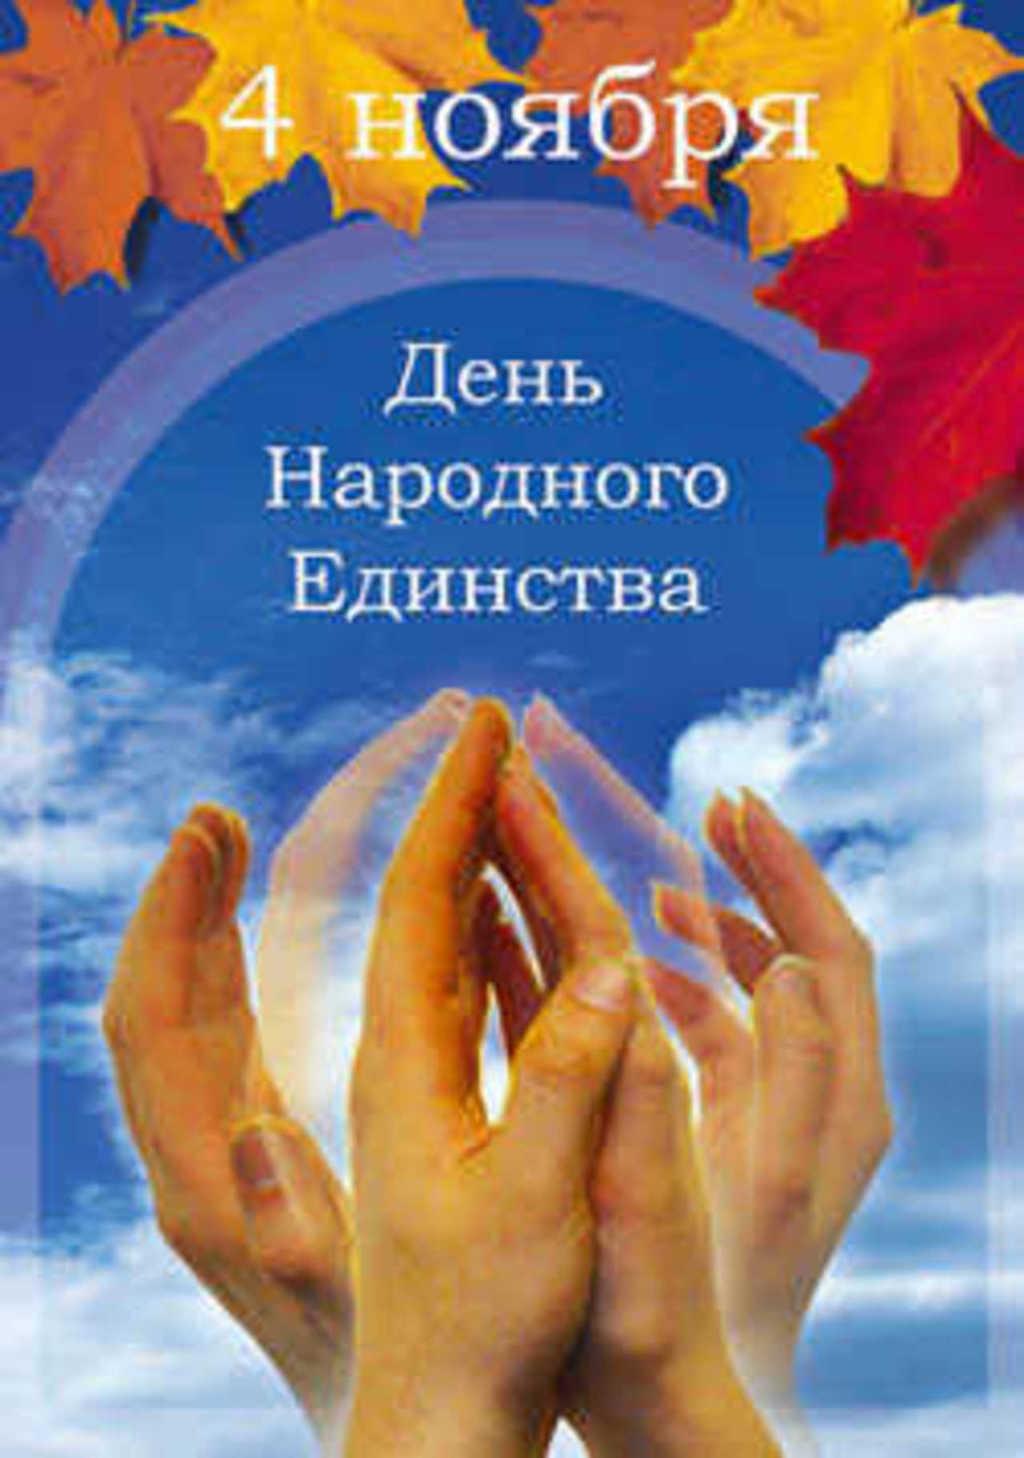 Поздравление праздник 4 ноября день народного единства